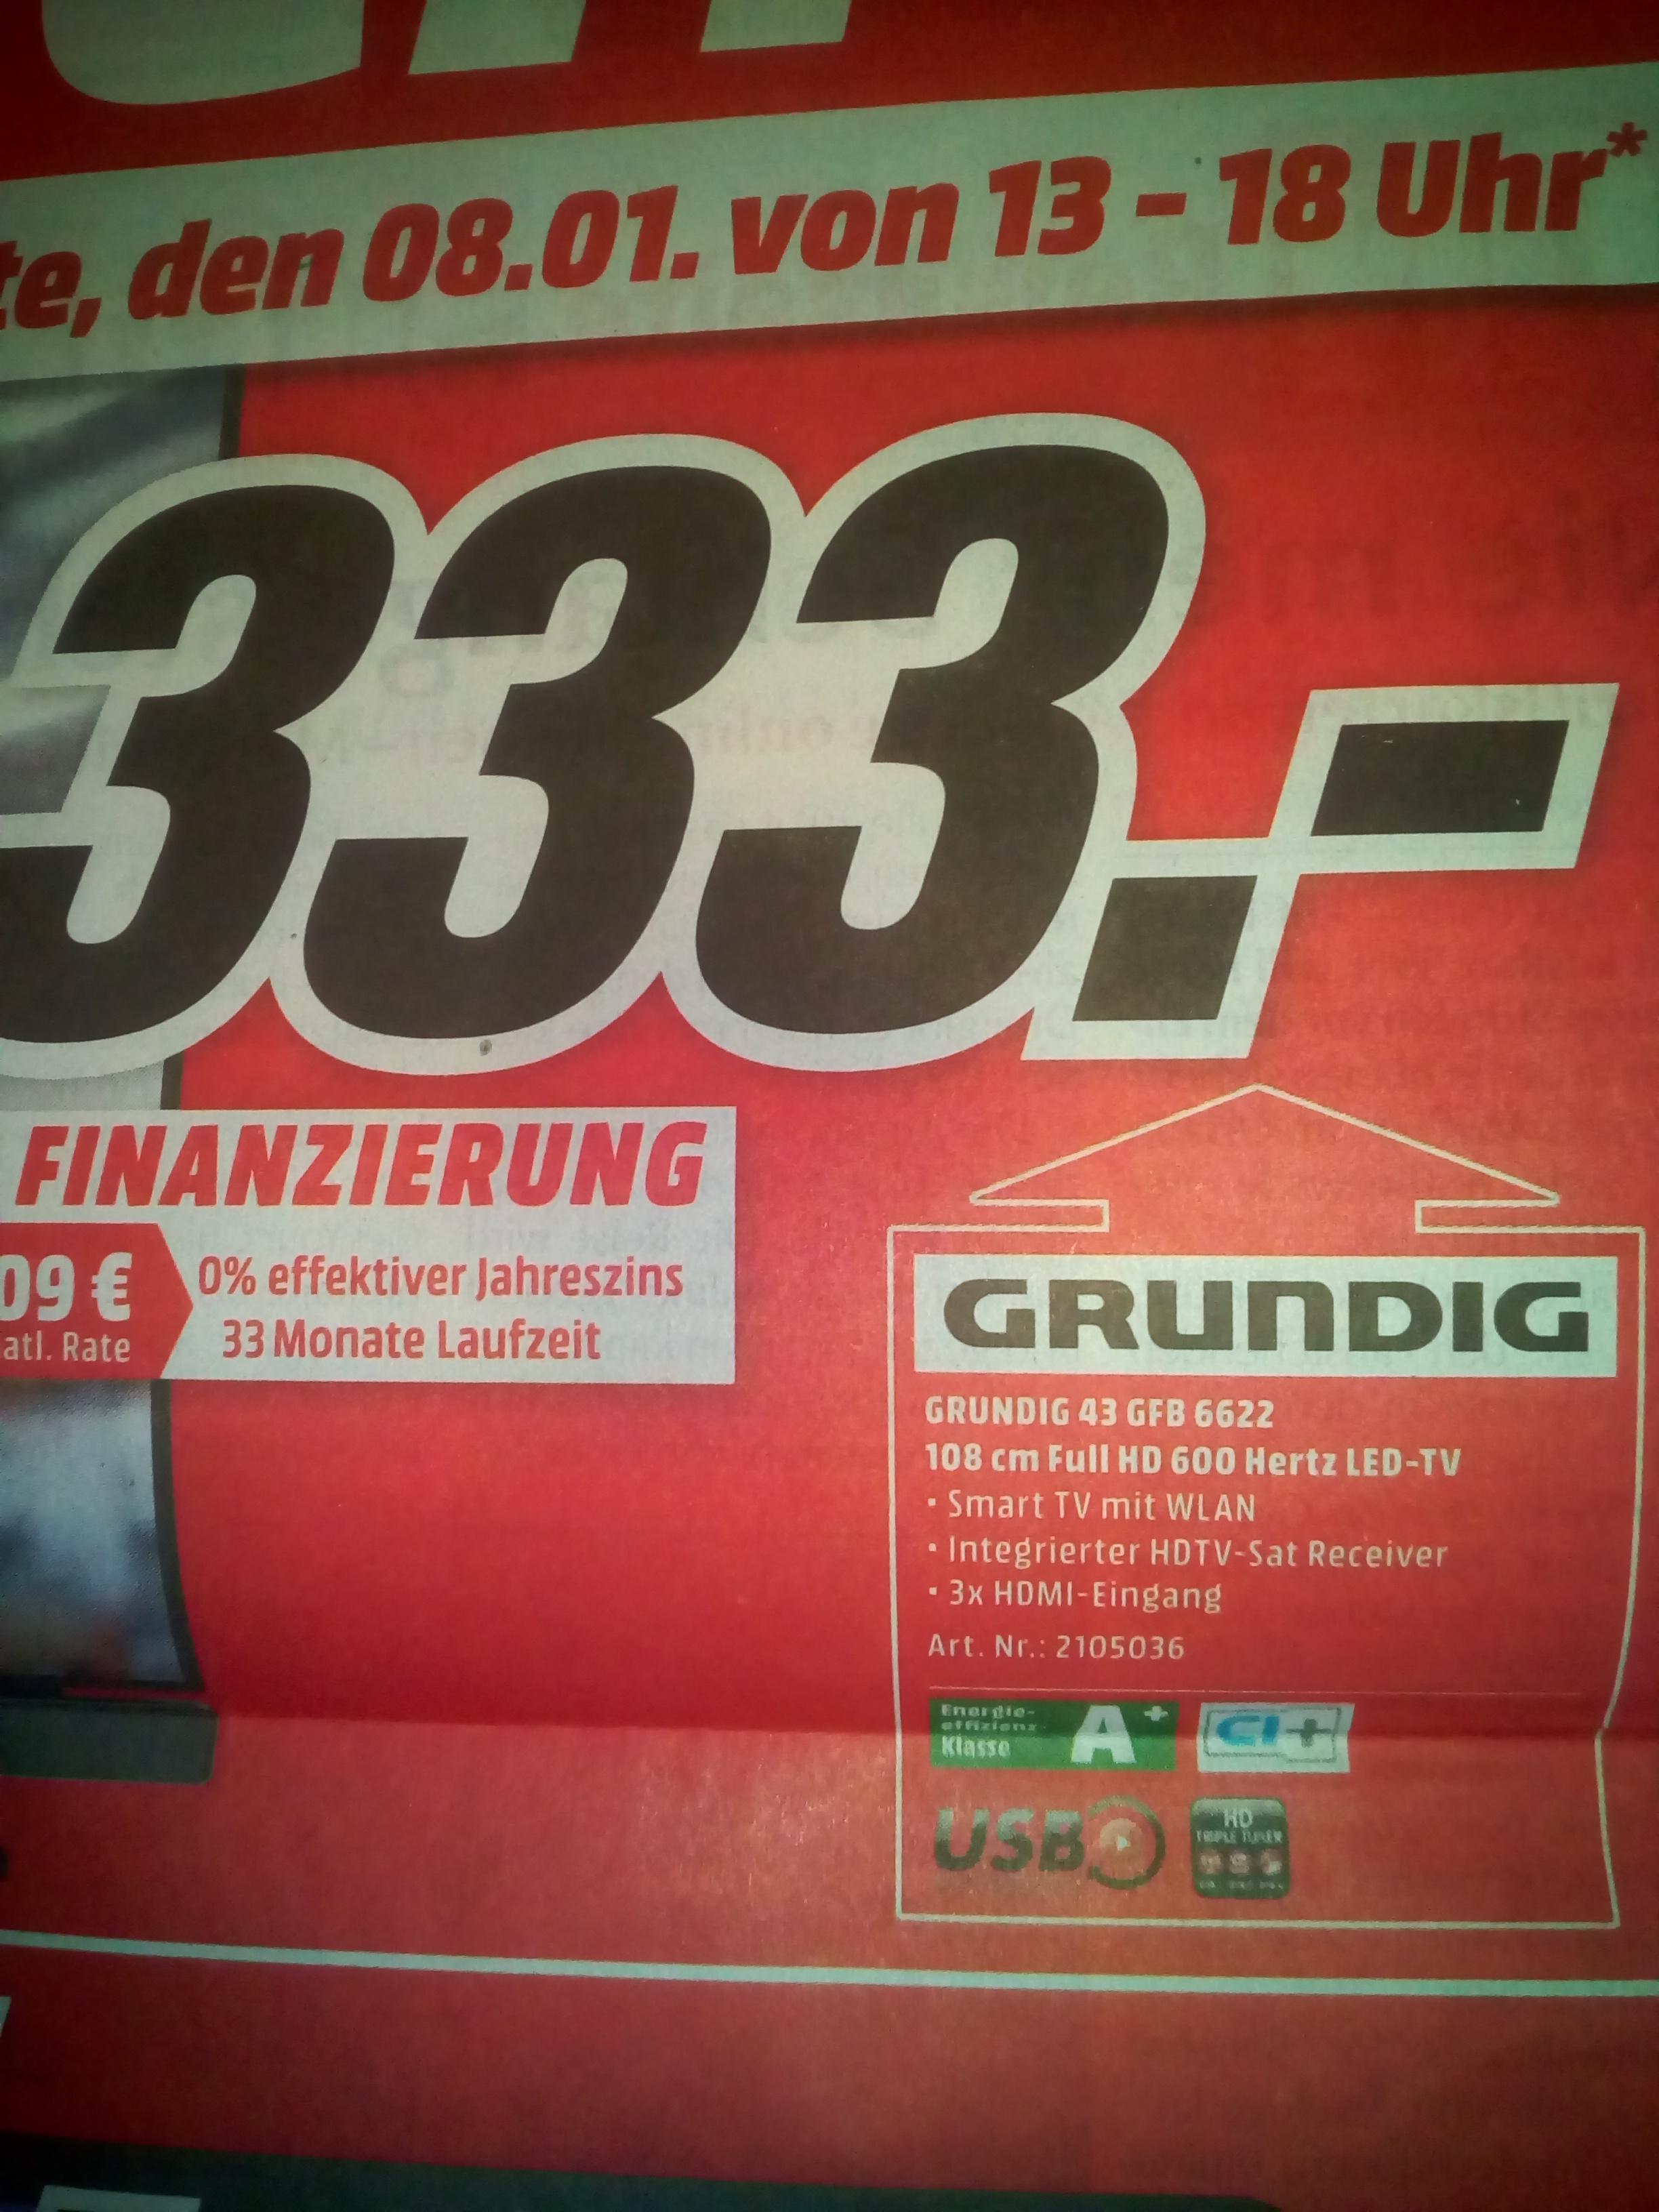 (Lokal) Media Markt Osnabrück Grundig 43 Zoll TV für 333€ statt 449€ plus Versand nur heute von 13-18 Uhr.